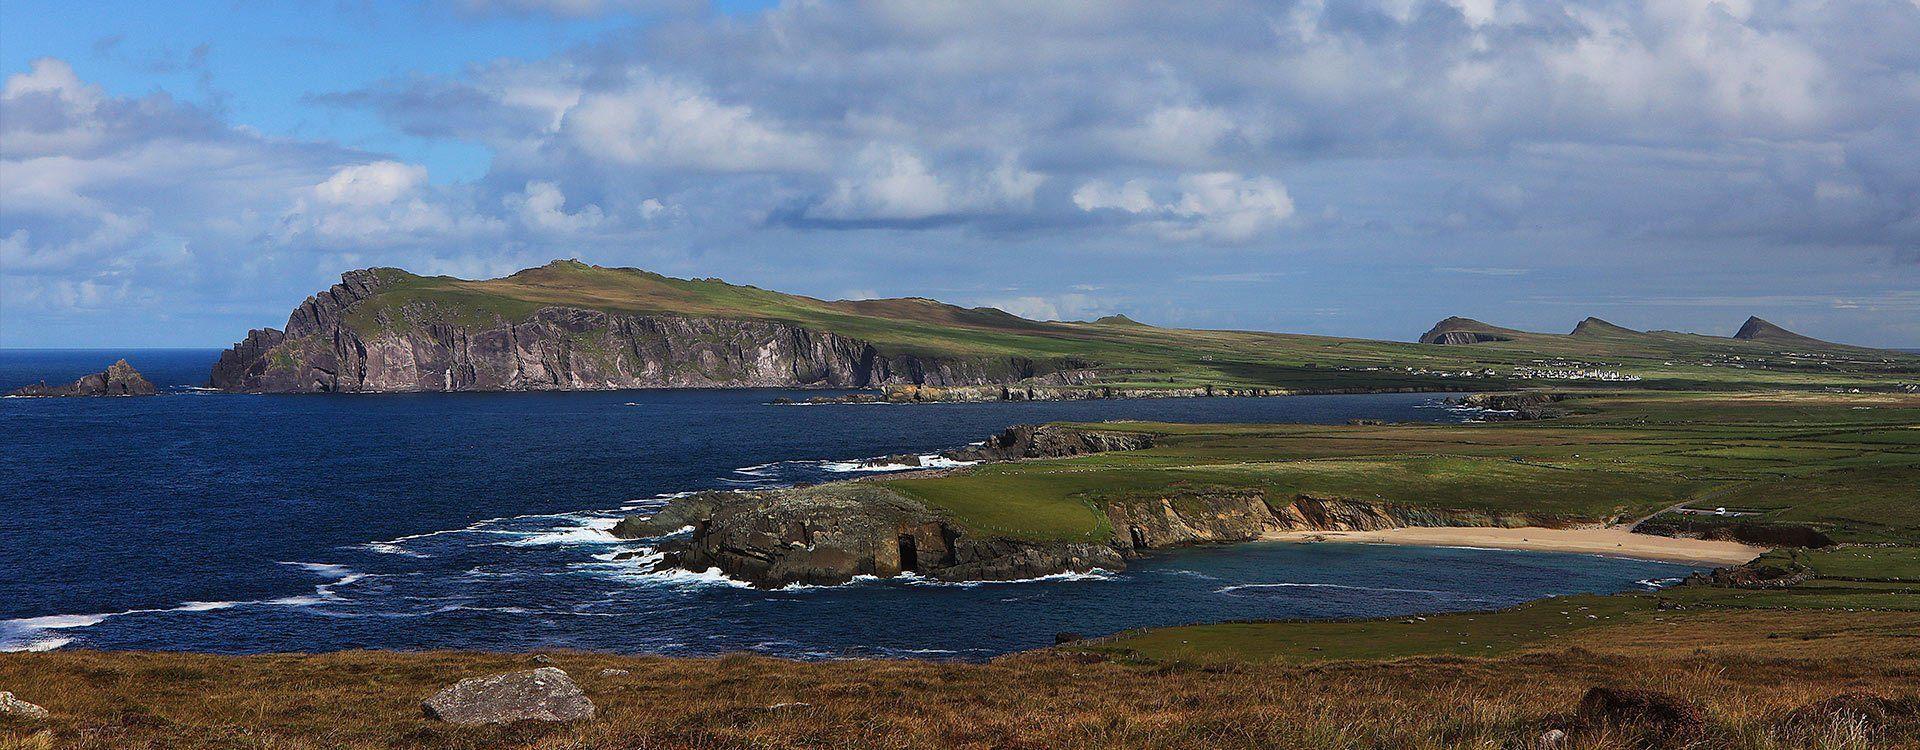 Excursión de un día a Dingle desde Limerick